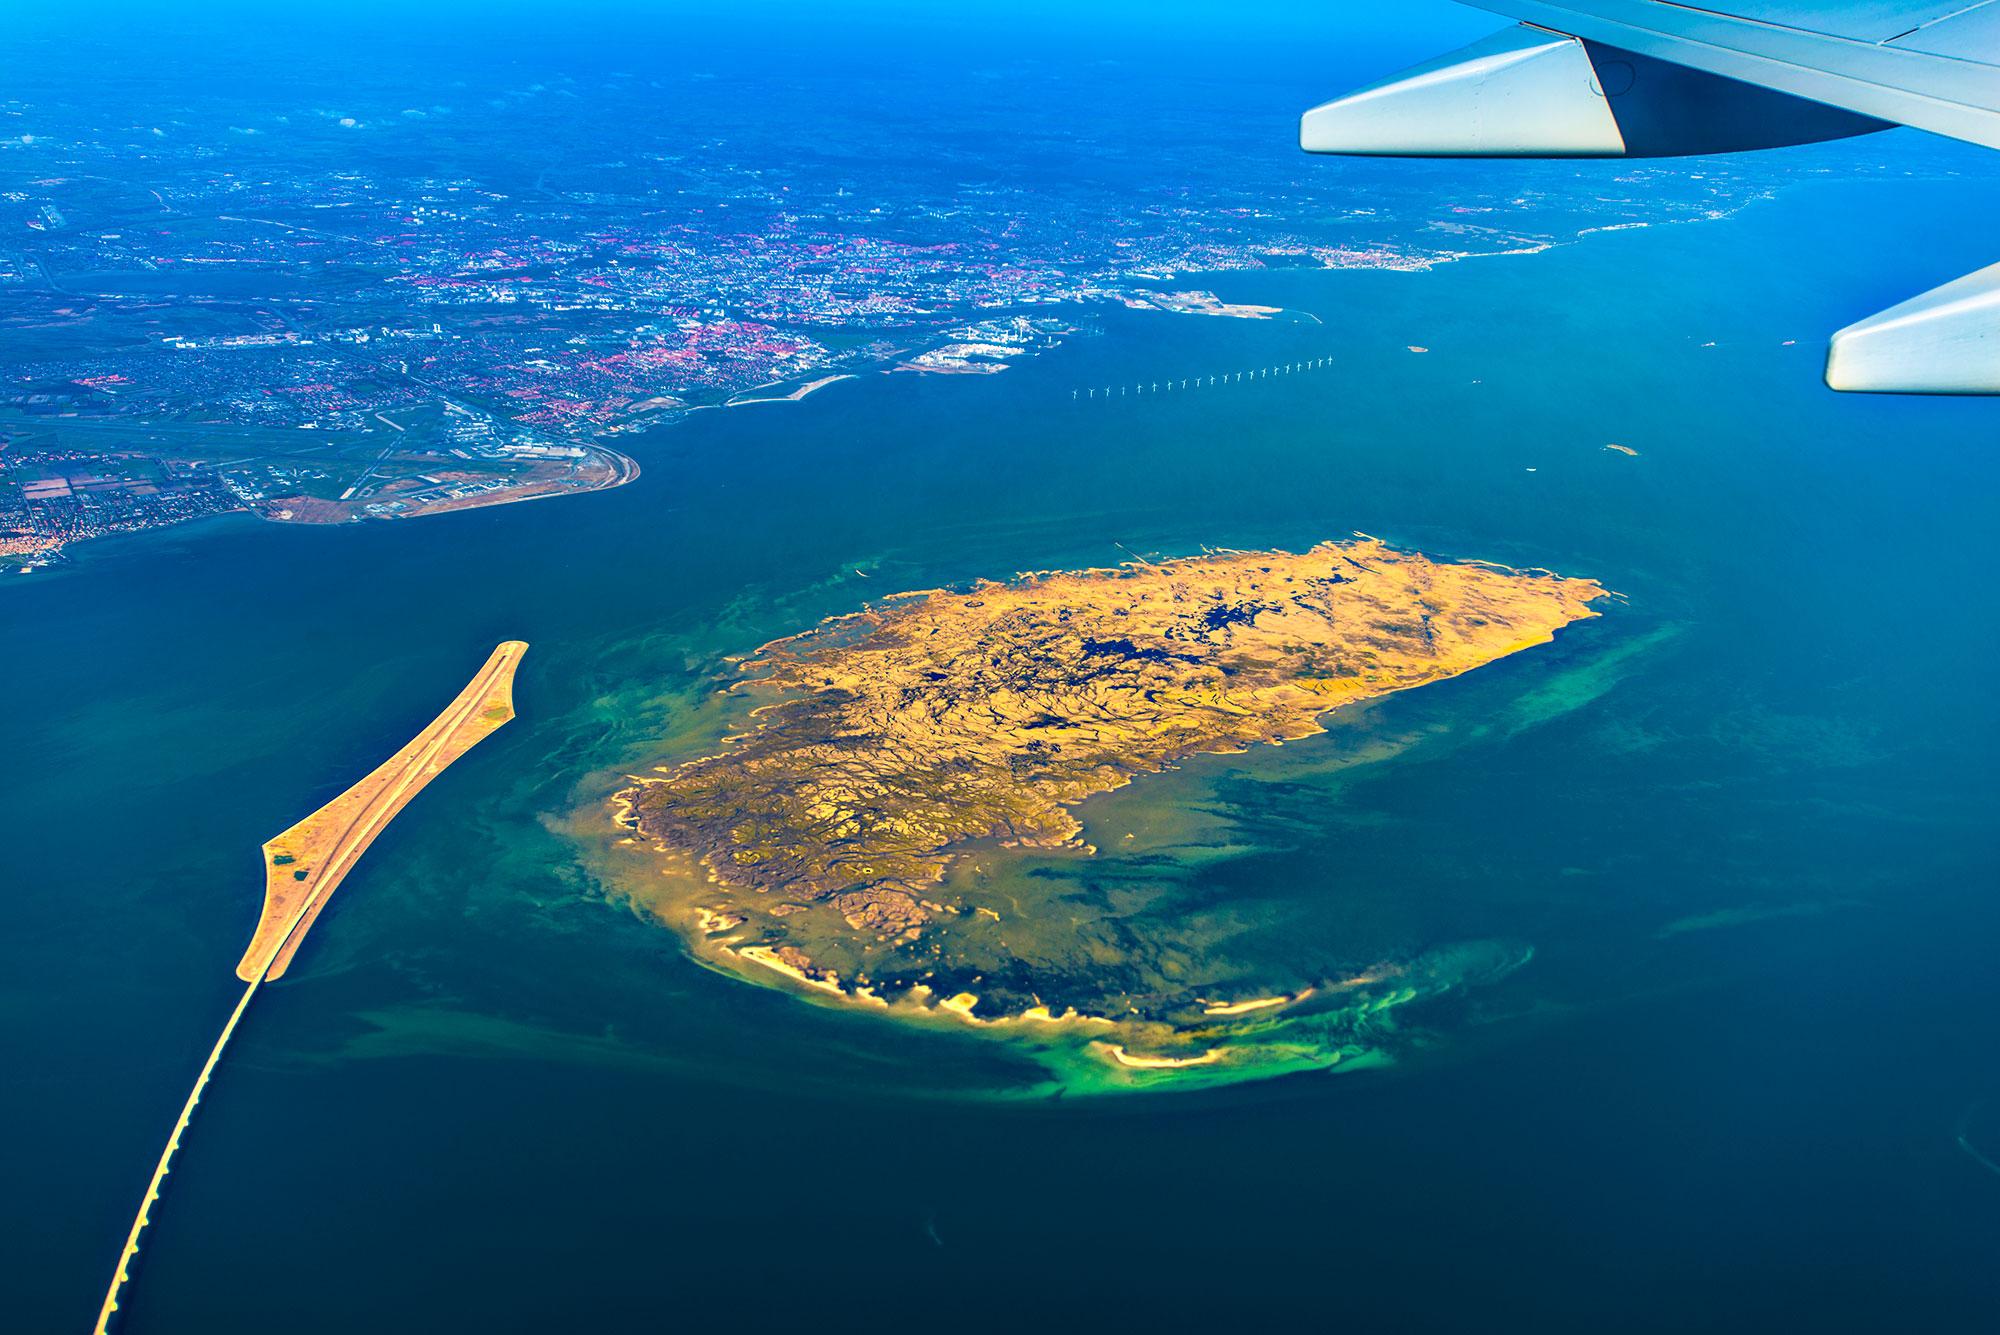 krestenhillerup.dk `Luftfoto af Saltholm og Peberholm midt i Øresund, med København i baggrunden.